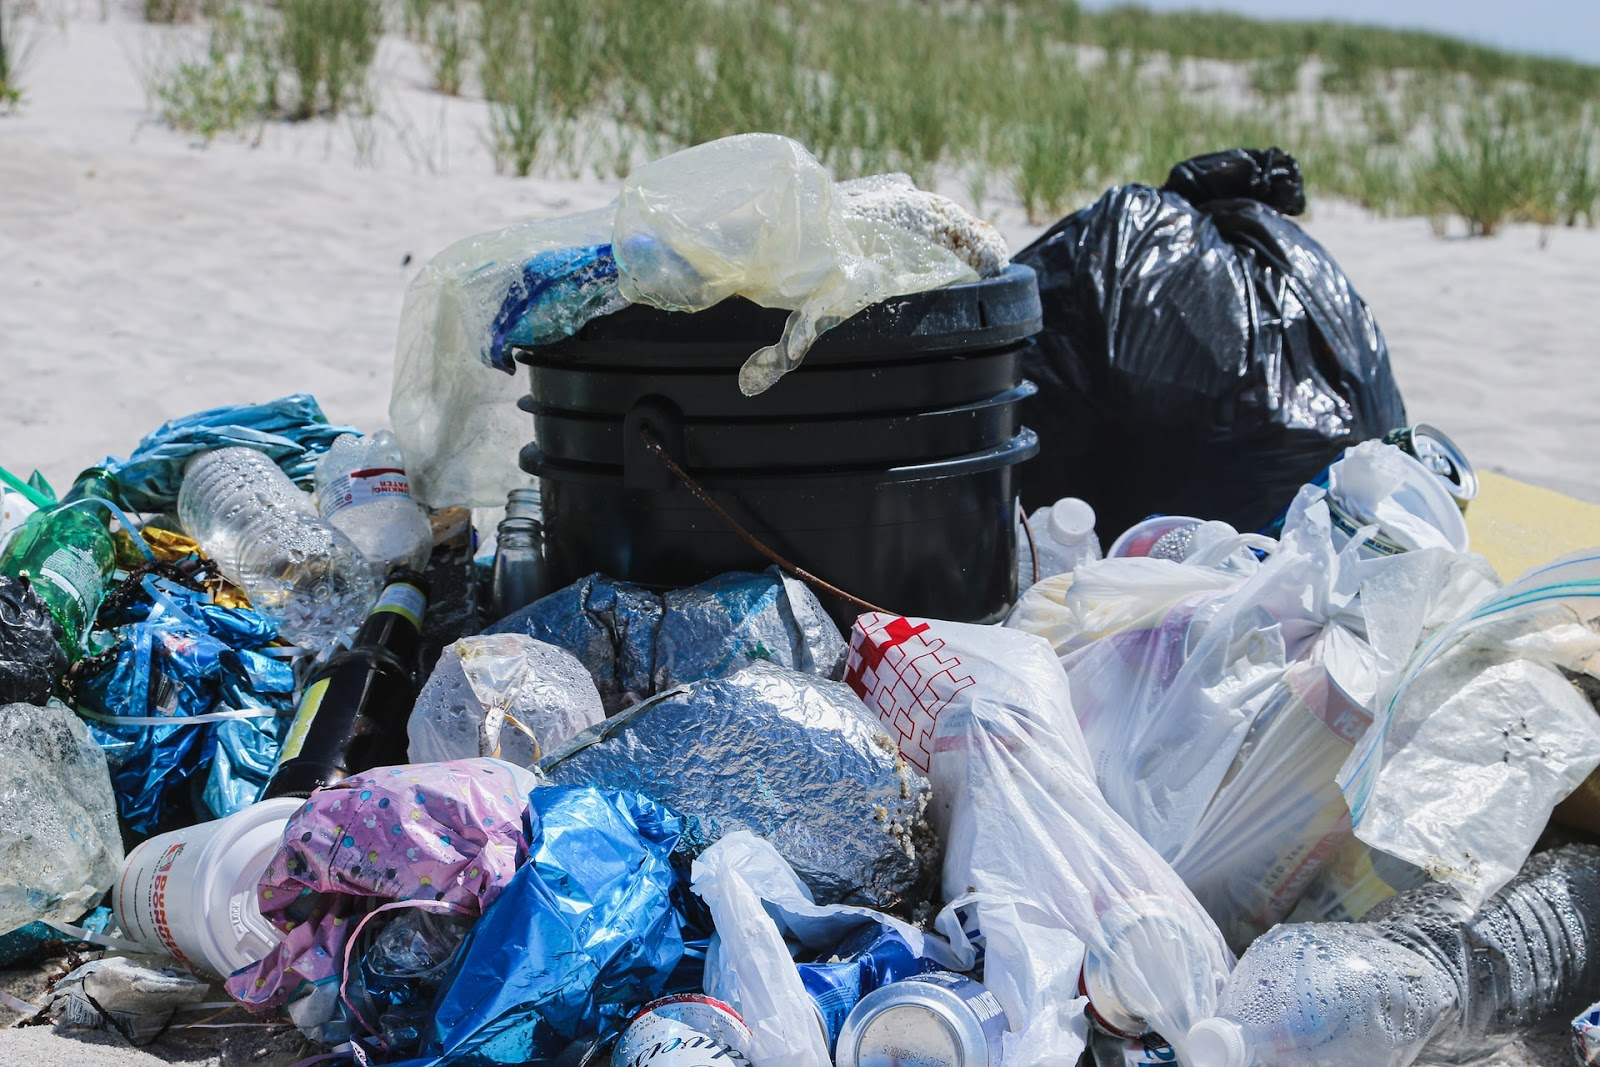 resíduos sólidos acumulados, sacos de lixo